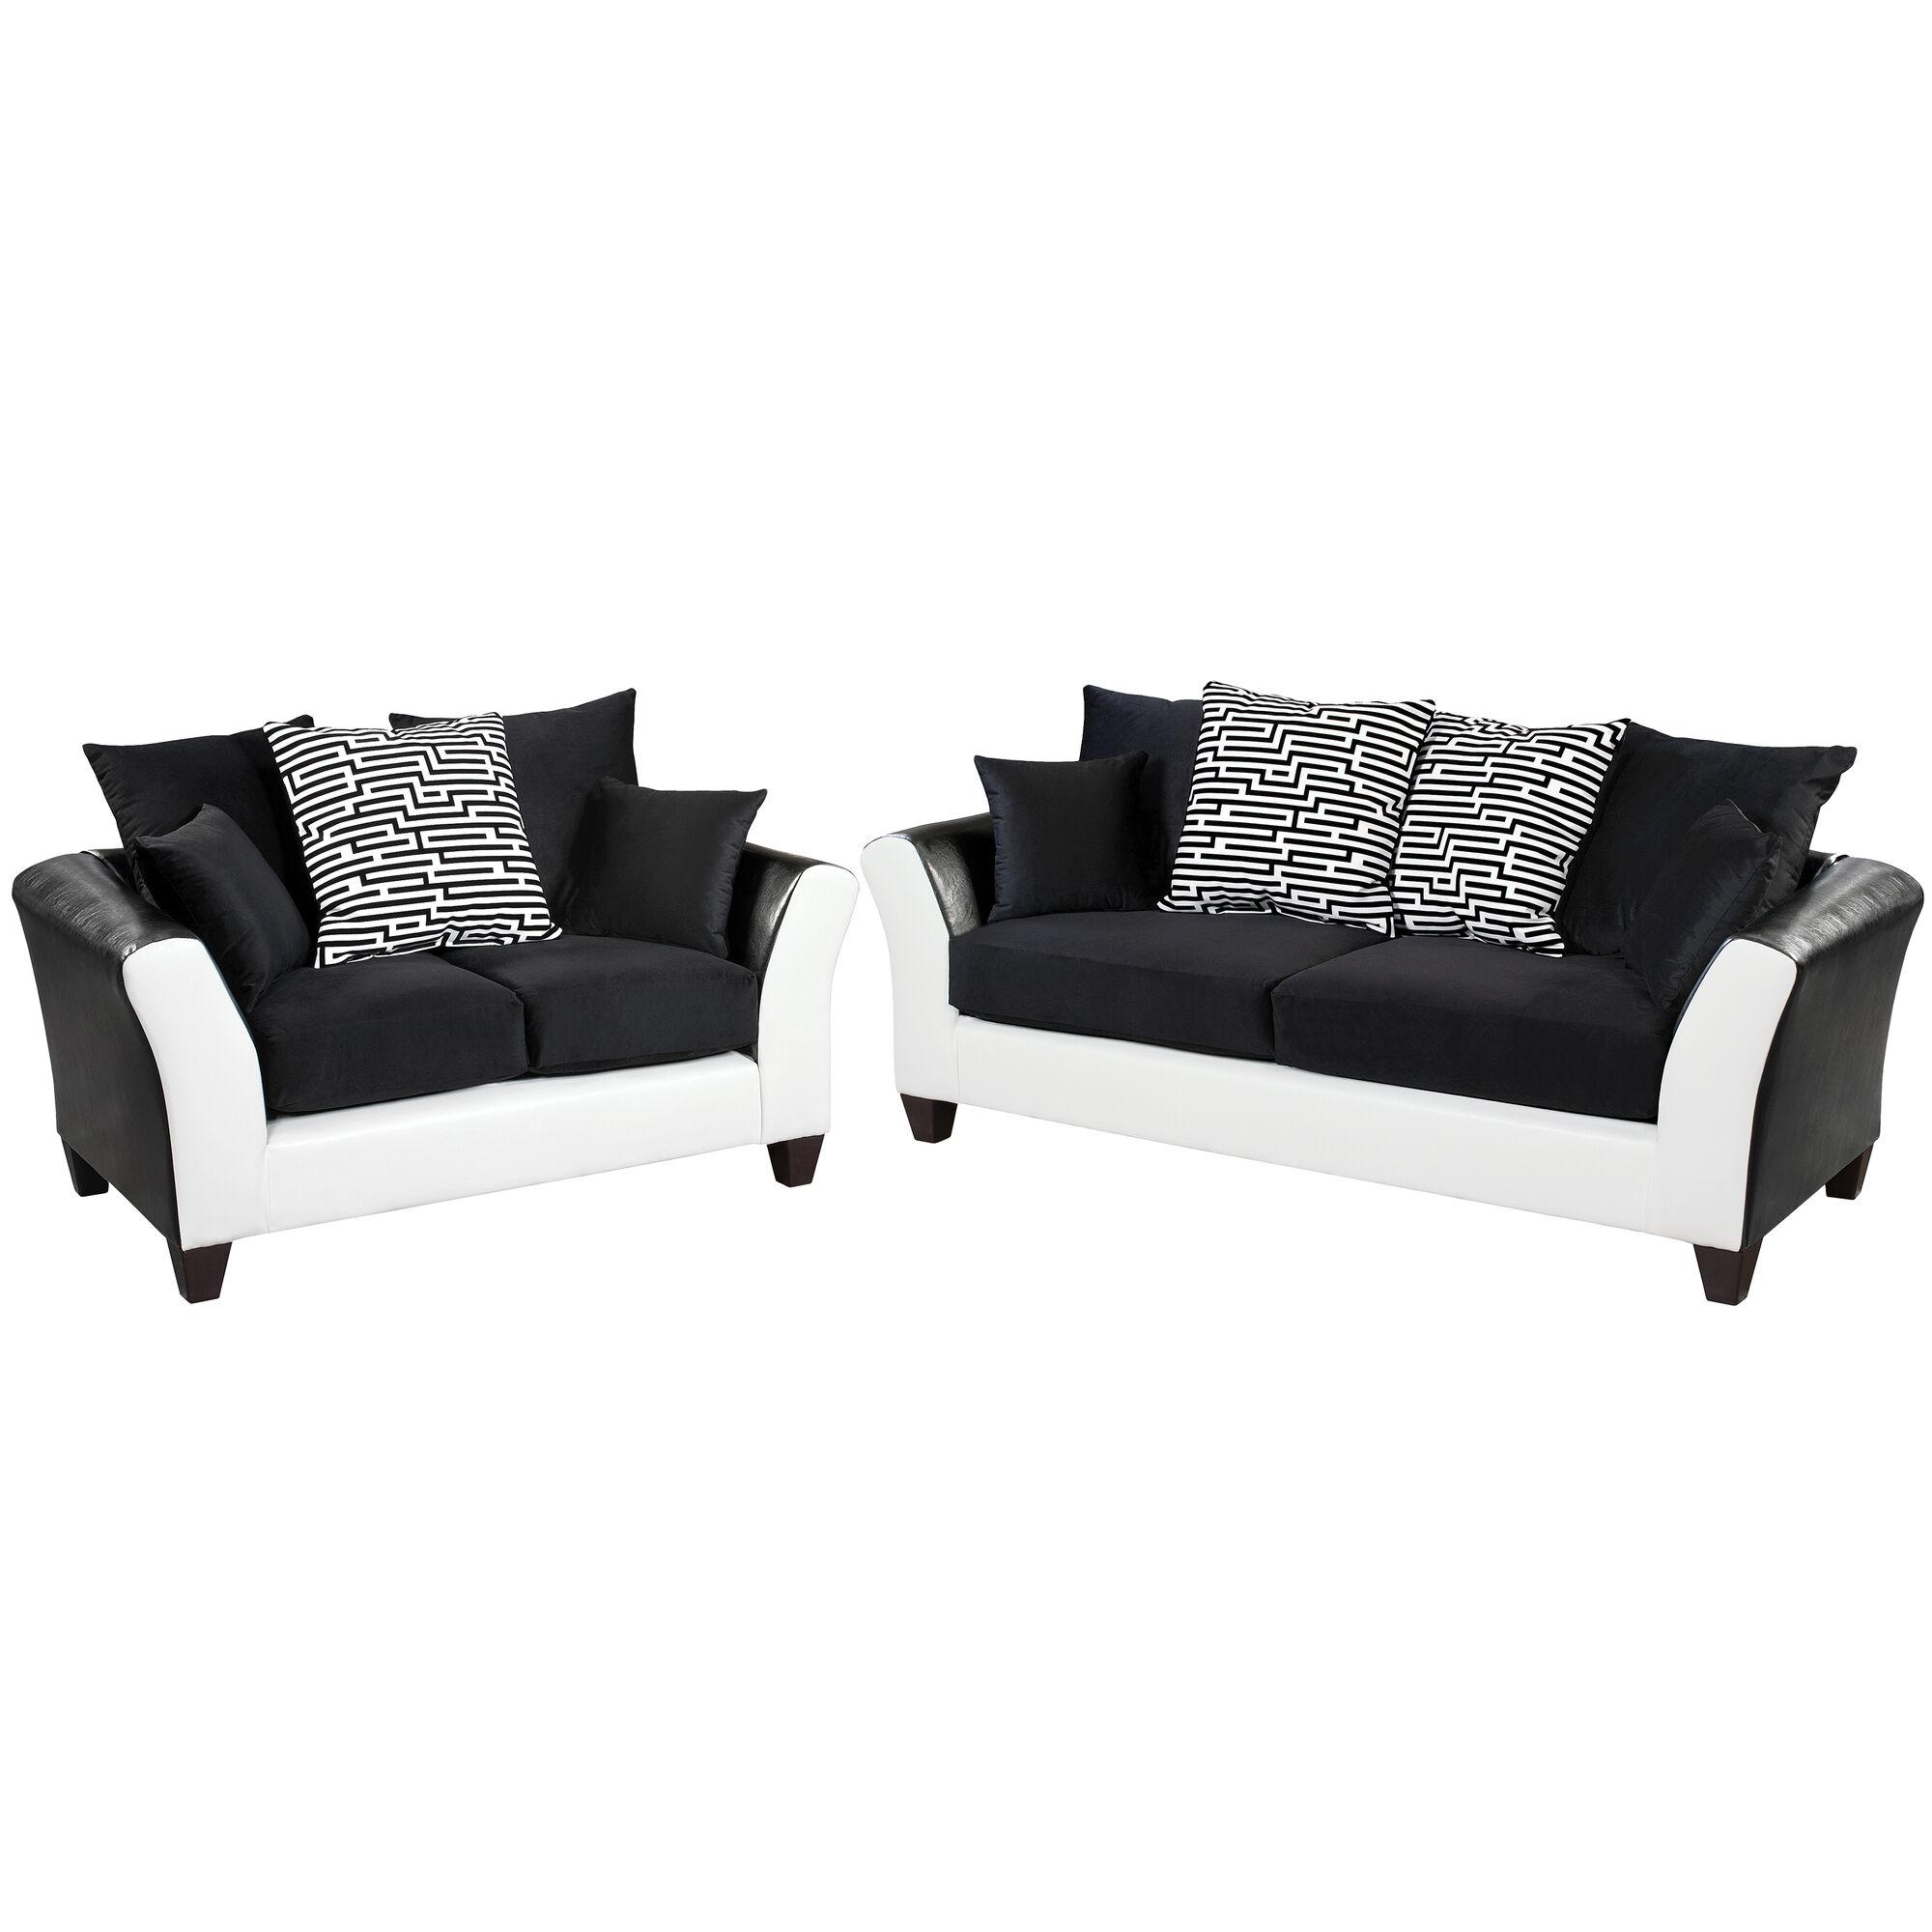 Flash Furniture Riverstone Implosion Black Velvet Living Room Set Rs 4173 02ls Set Gg